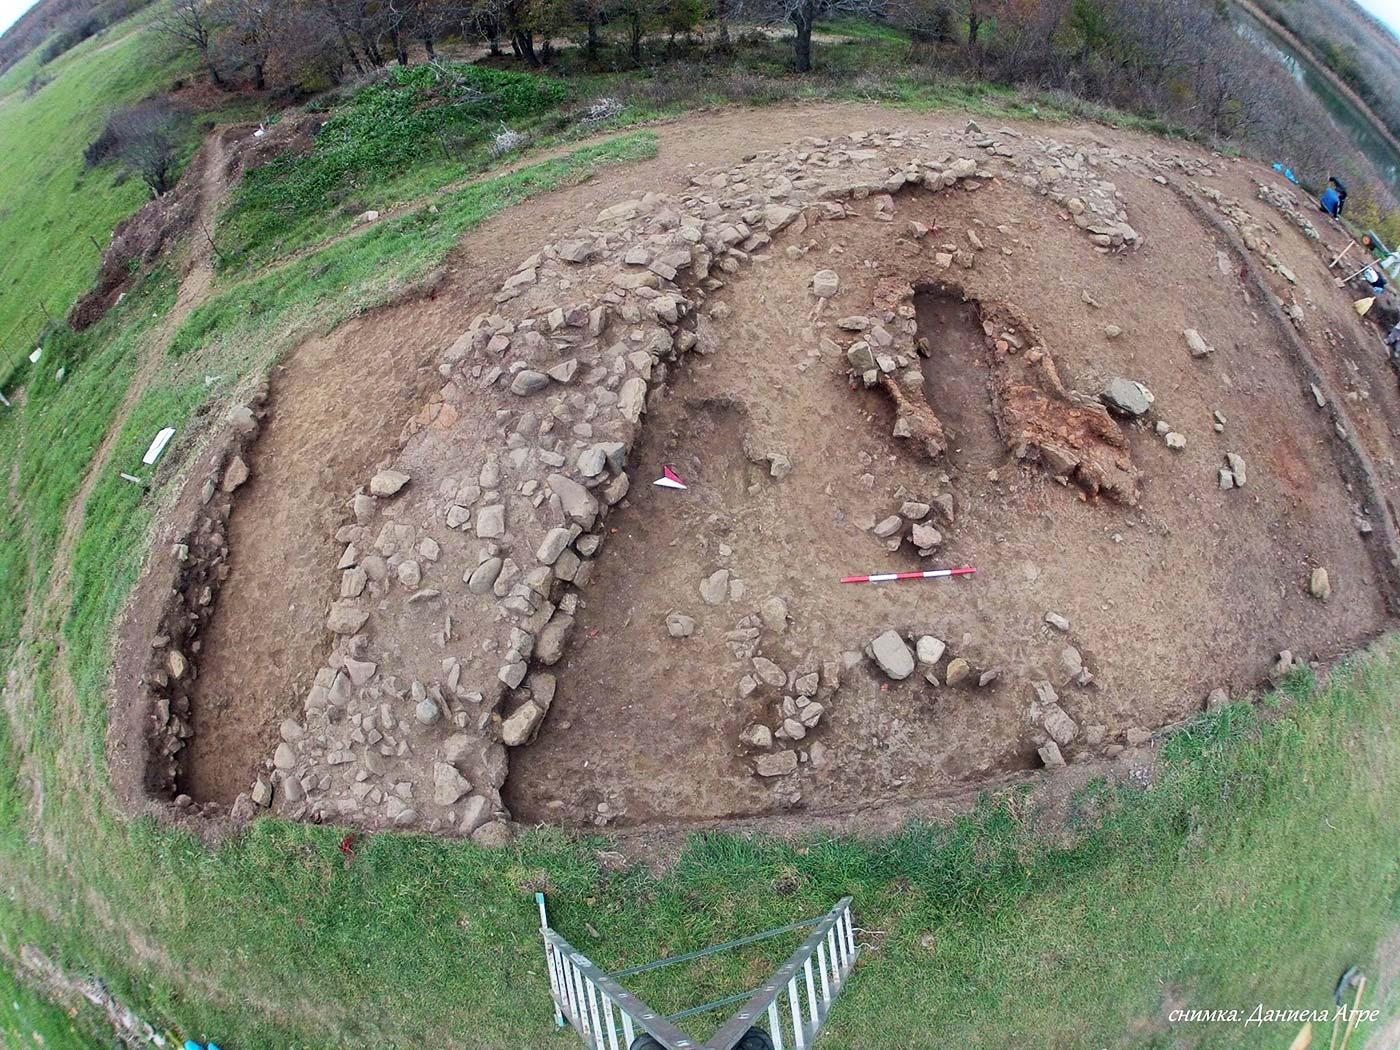 Археолози проучиха домове от Астейското царство край Бродилово и Синеморец